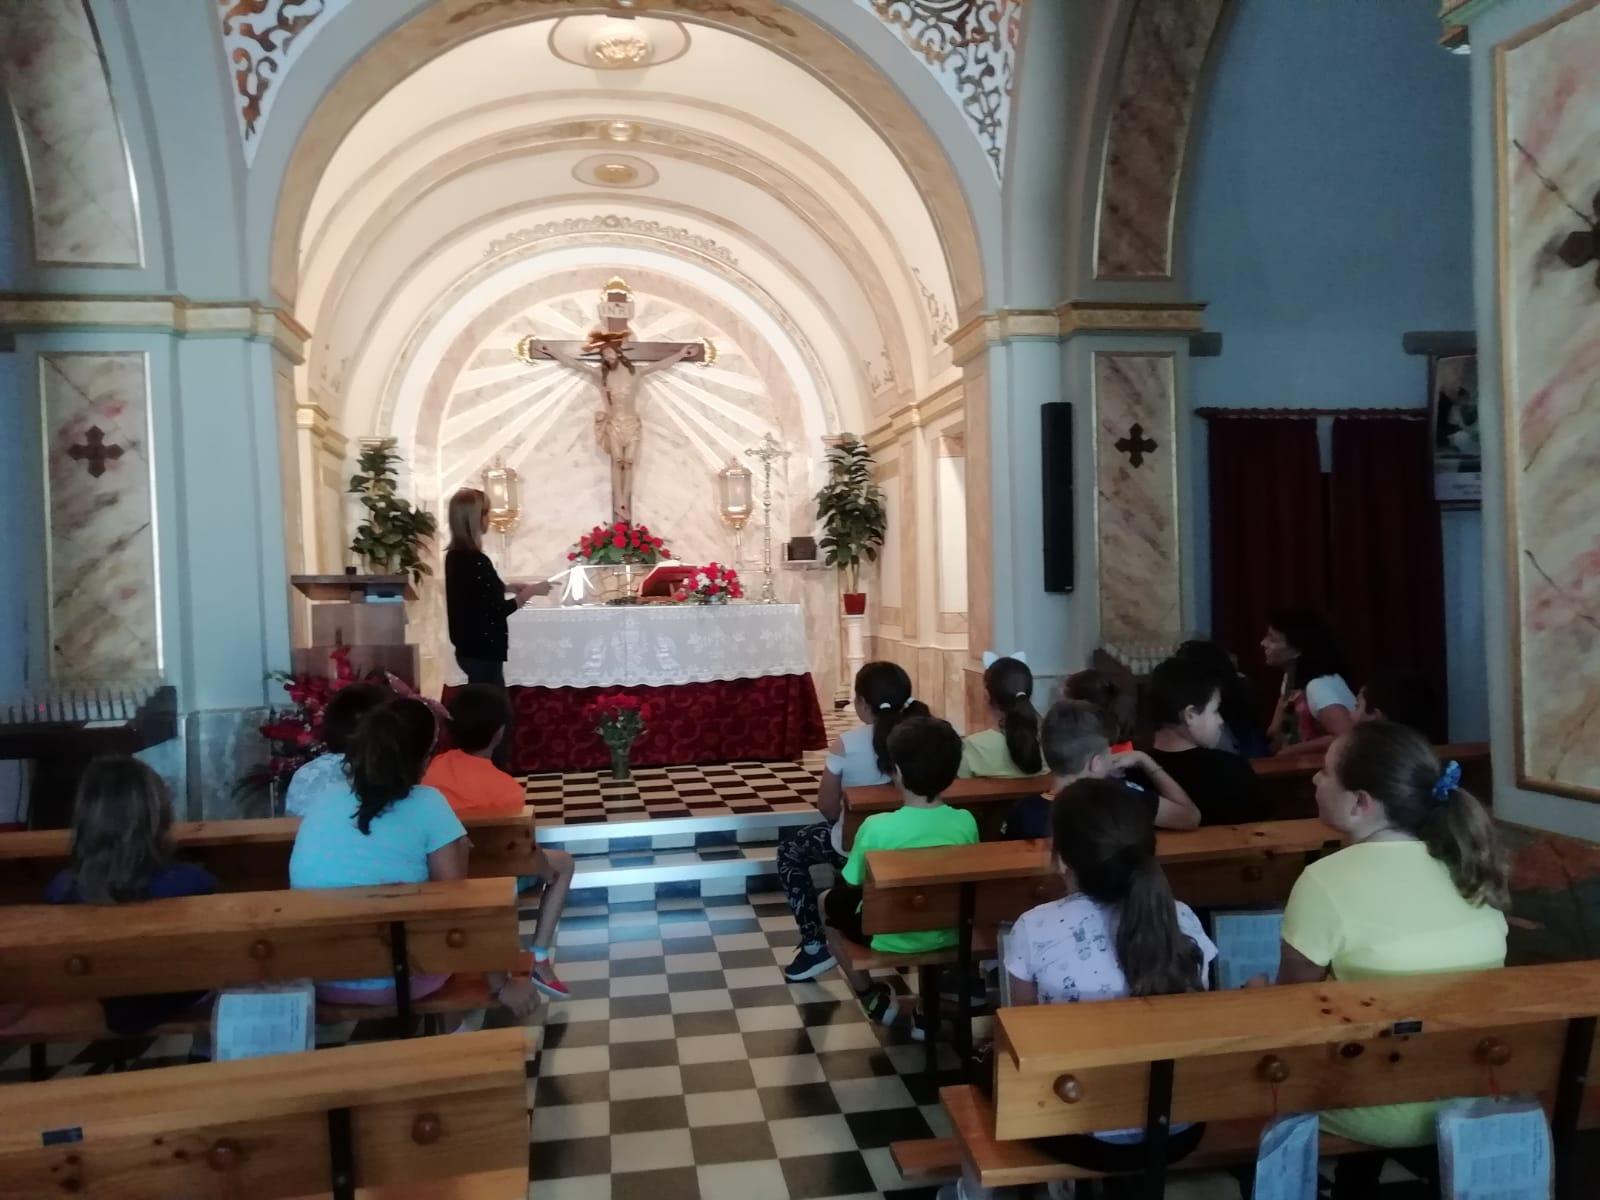 (2019-05-29) Visita alumnos Laura - 3 B primaria - Reina Sofia - Isabel B (02)